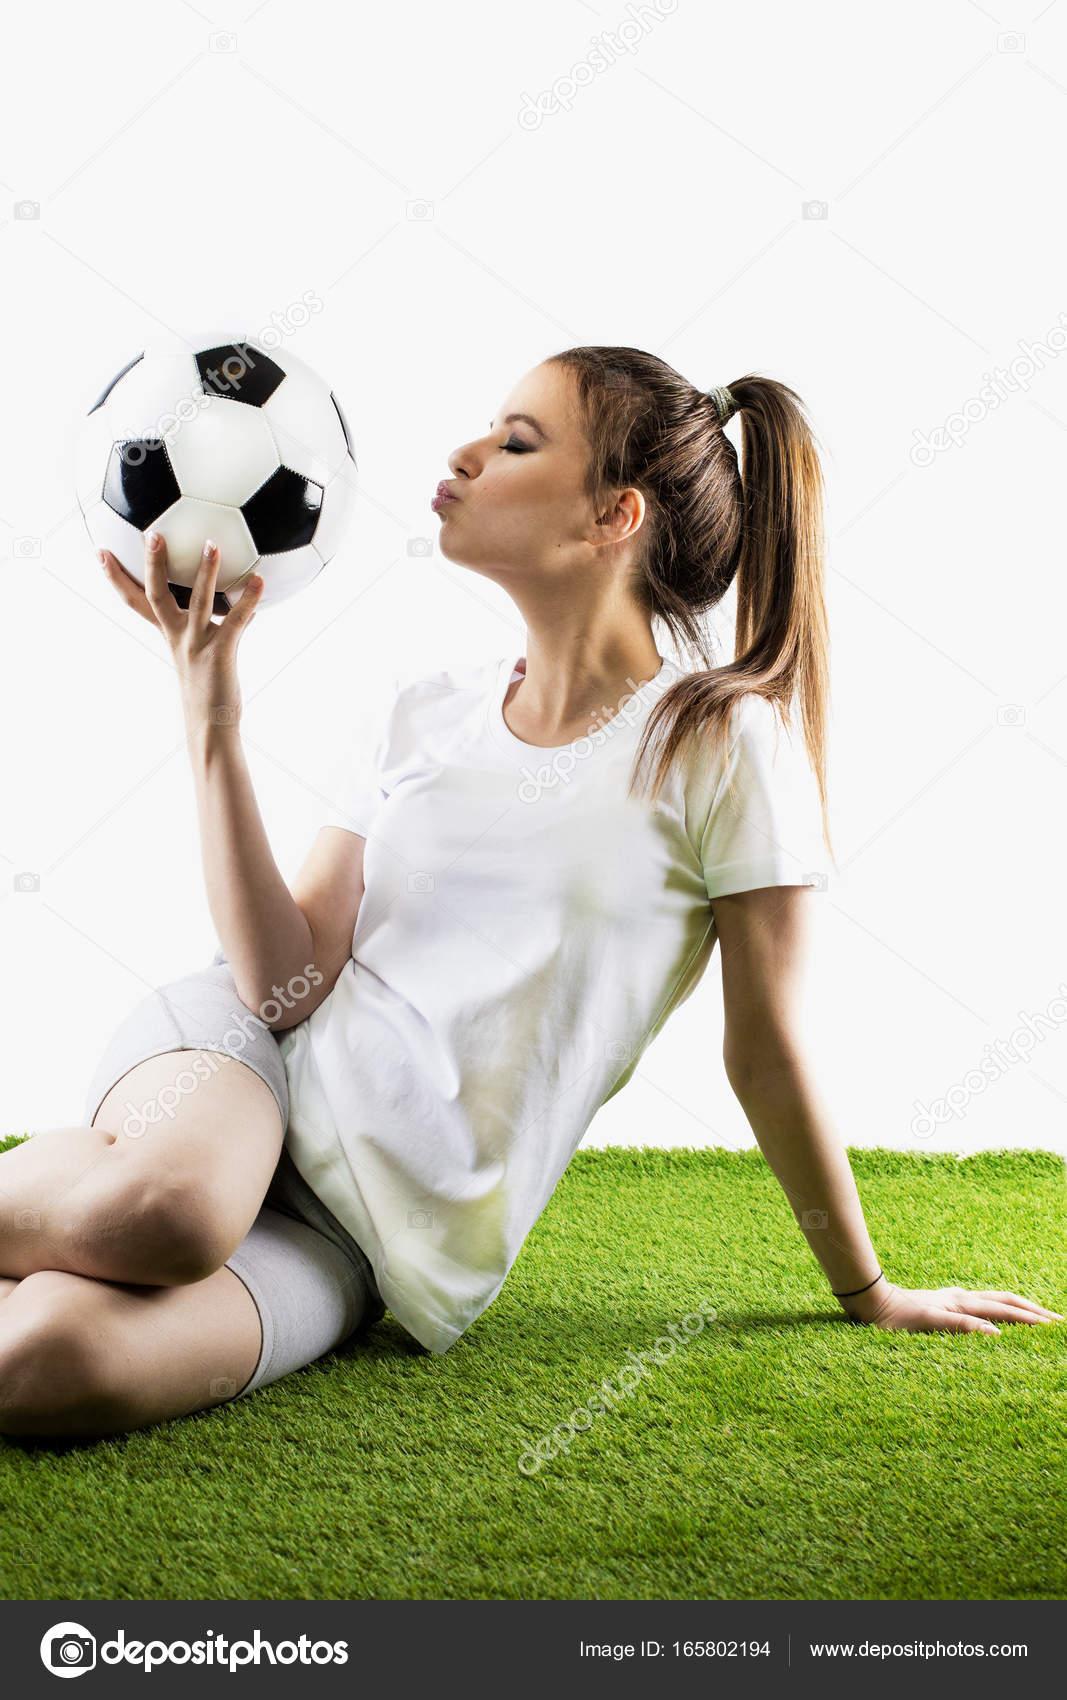 f7e8aa4e31e31 Fútbol de mujeres bonitas. Joven de pelo castaño en ropa deportiva ...